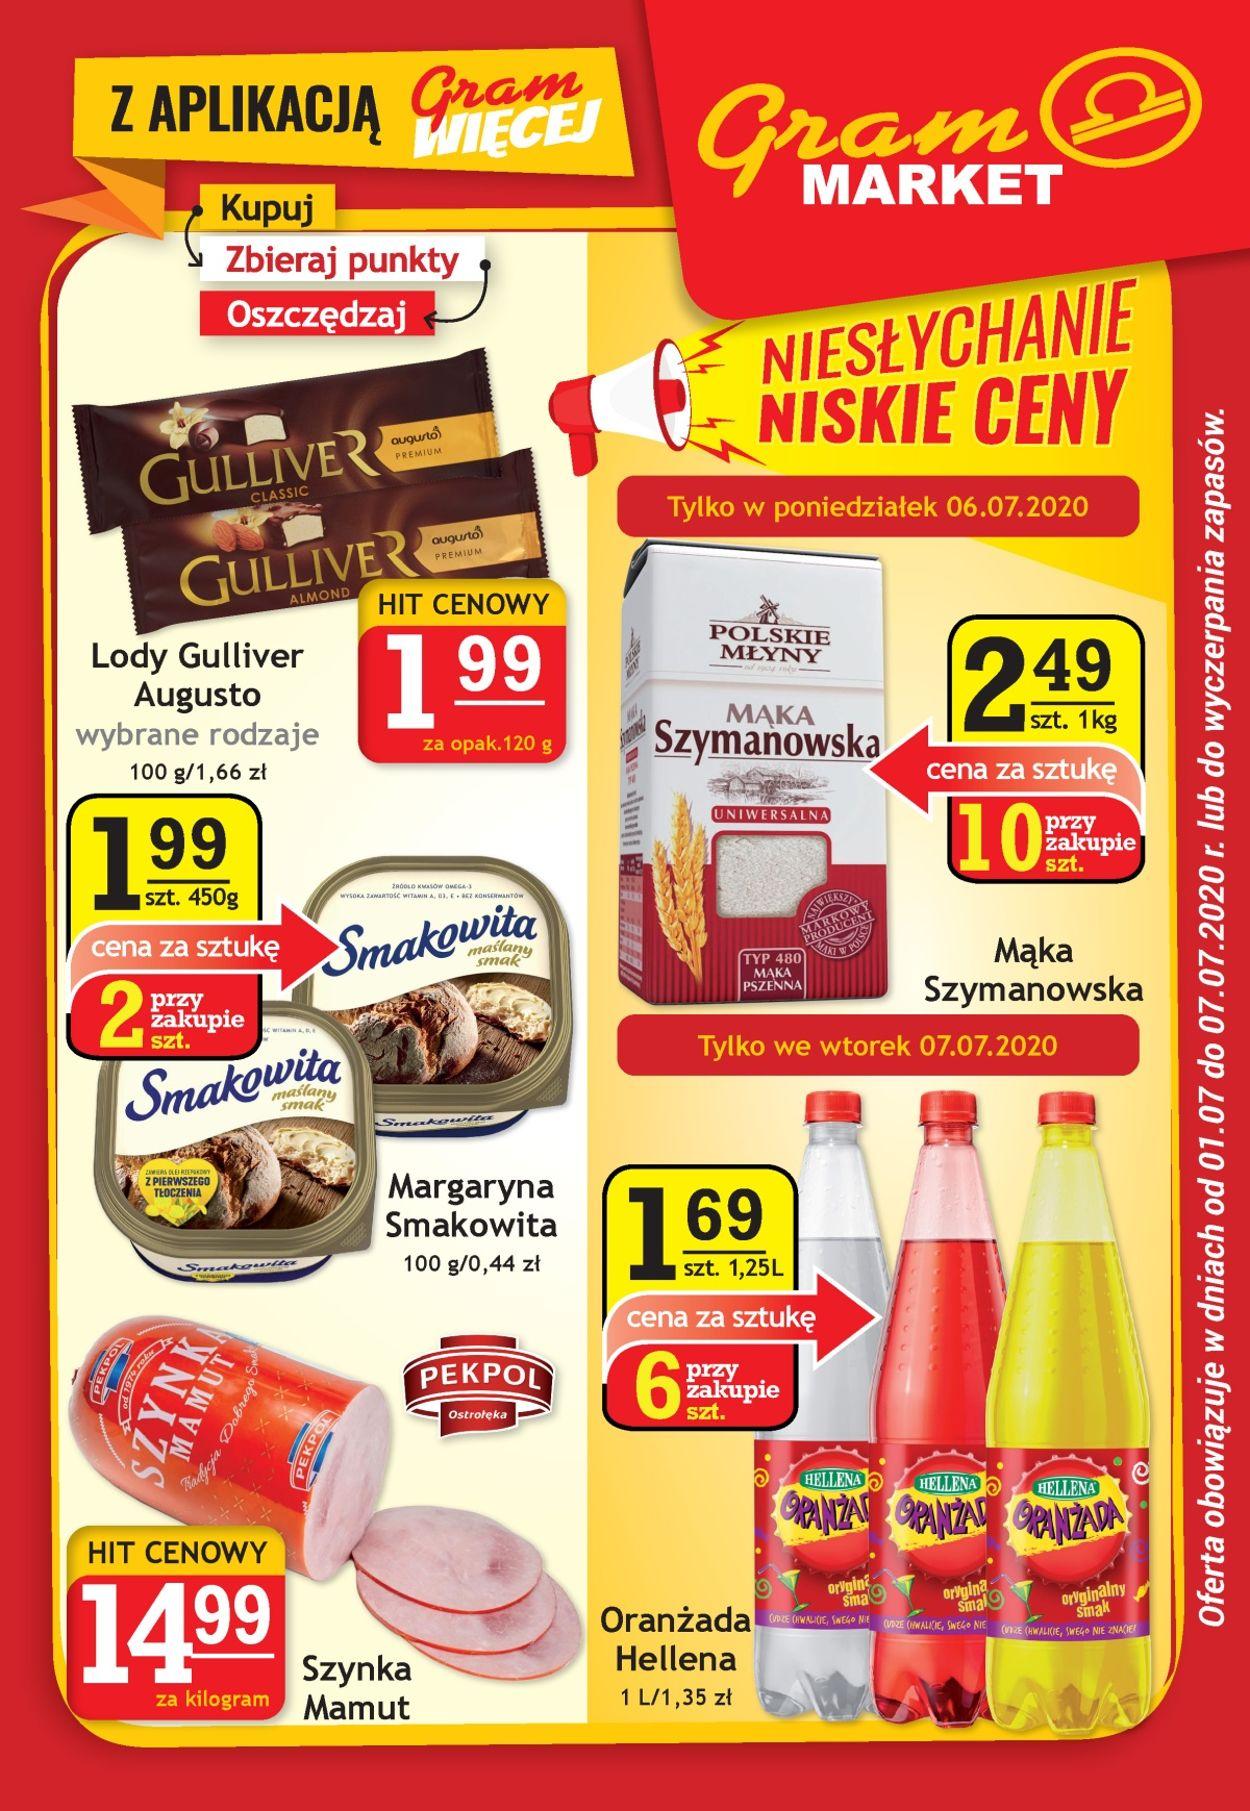 Gazetka promocyjna Gram Market - 01.07-07.07.2020